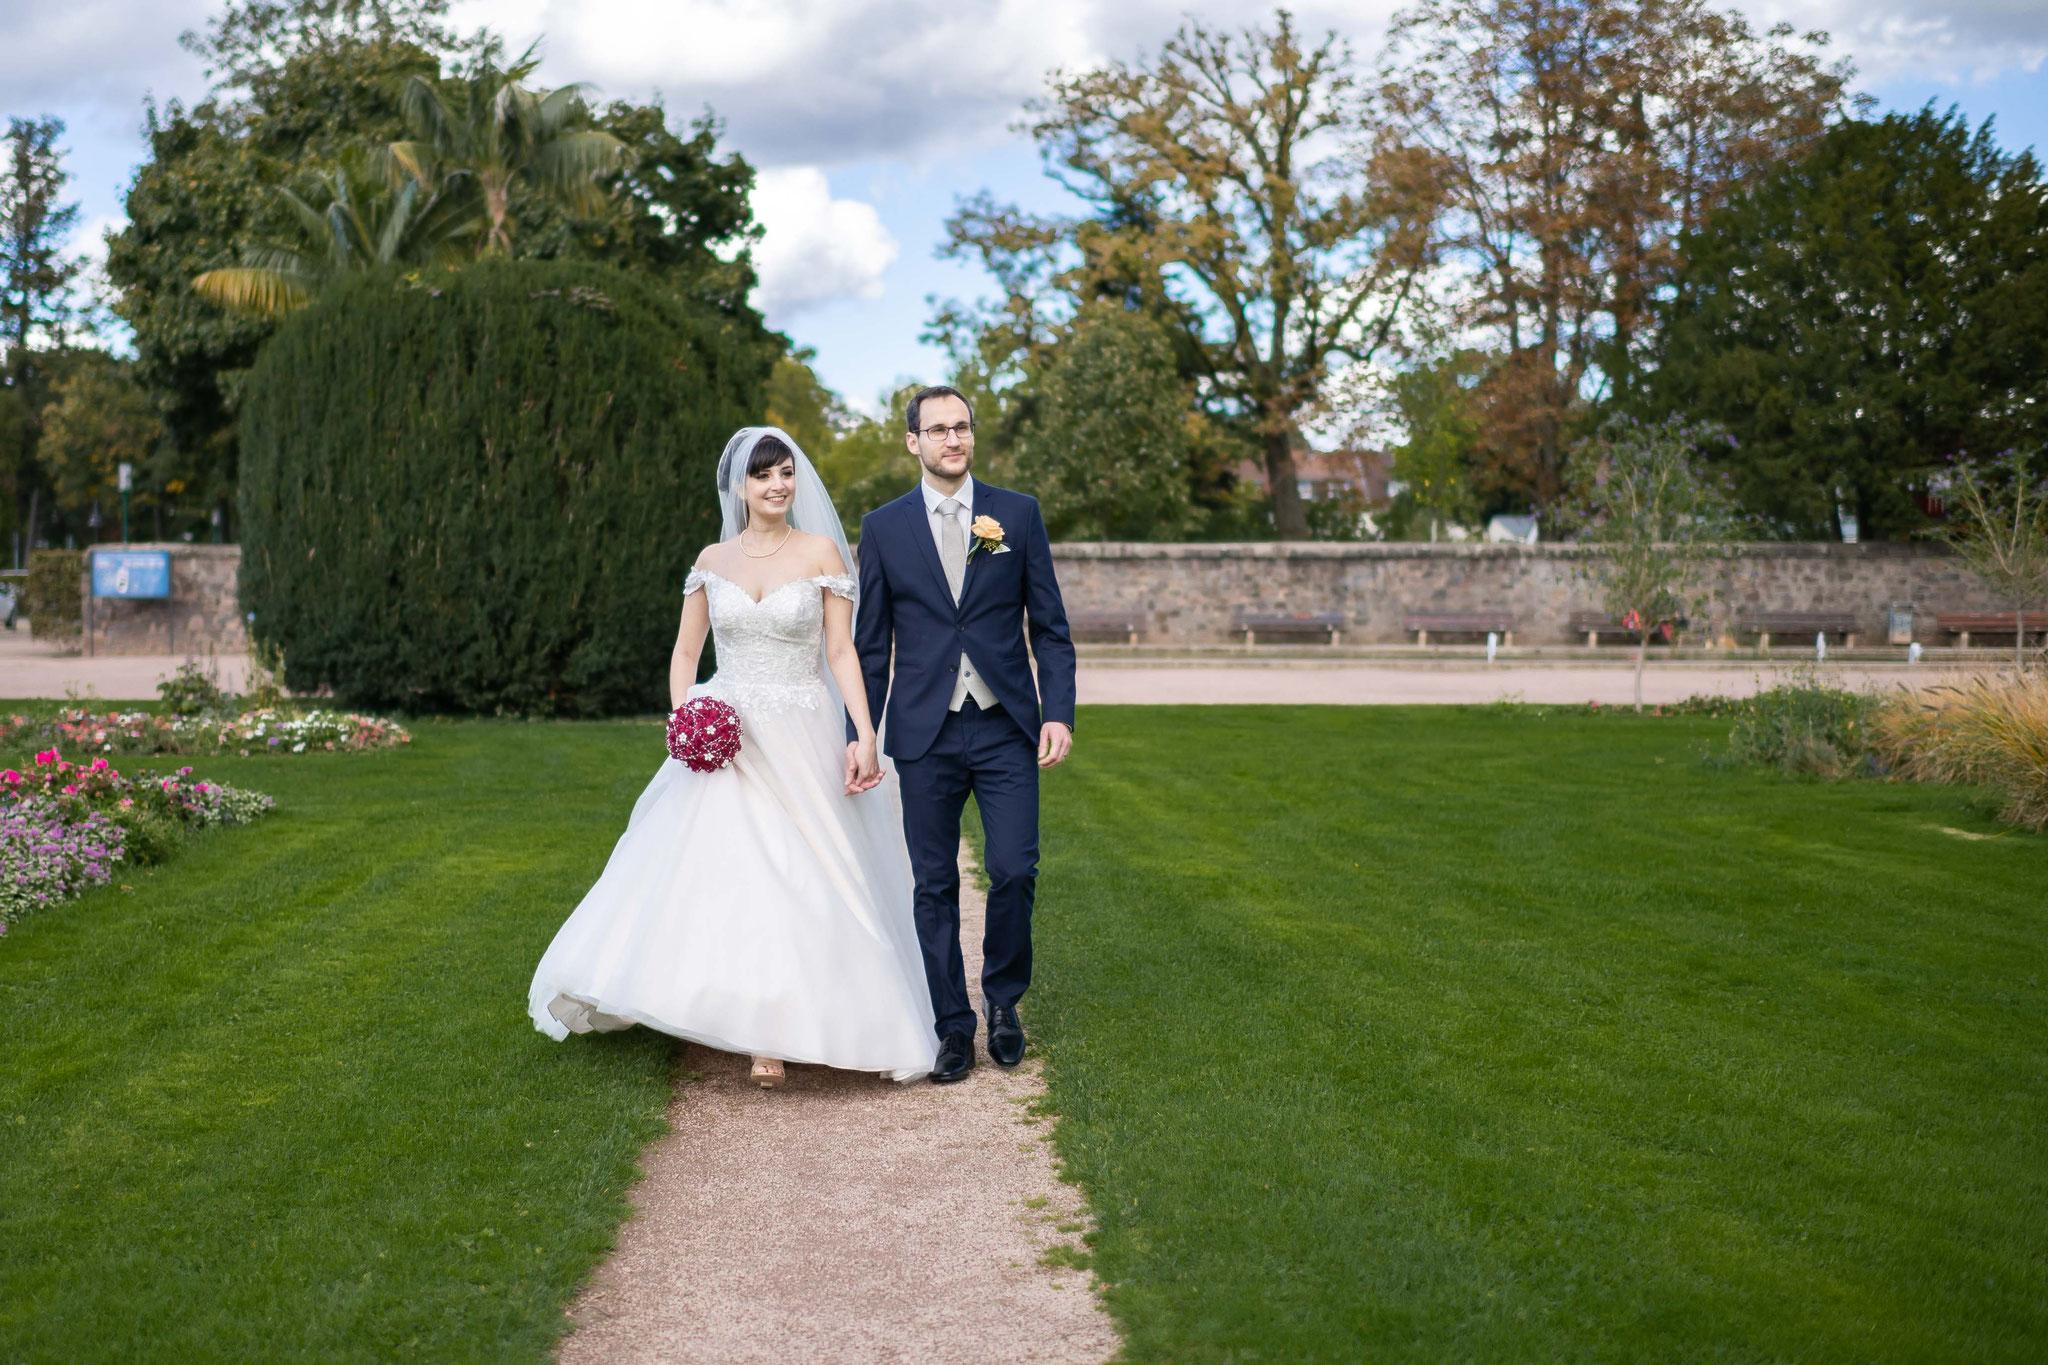 Foto- und Video-Aufnahmen beim Brautpaarshooting in der Orangerie in Darmstadt